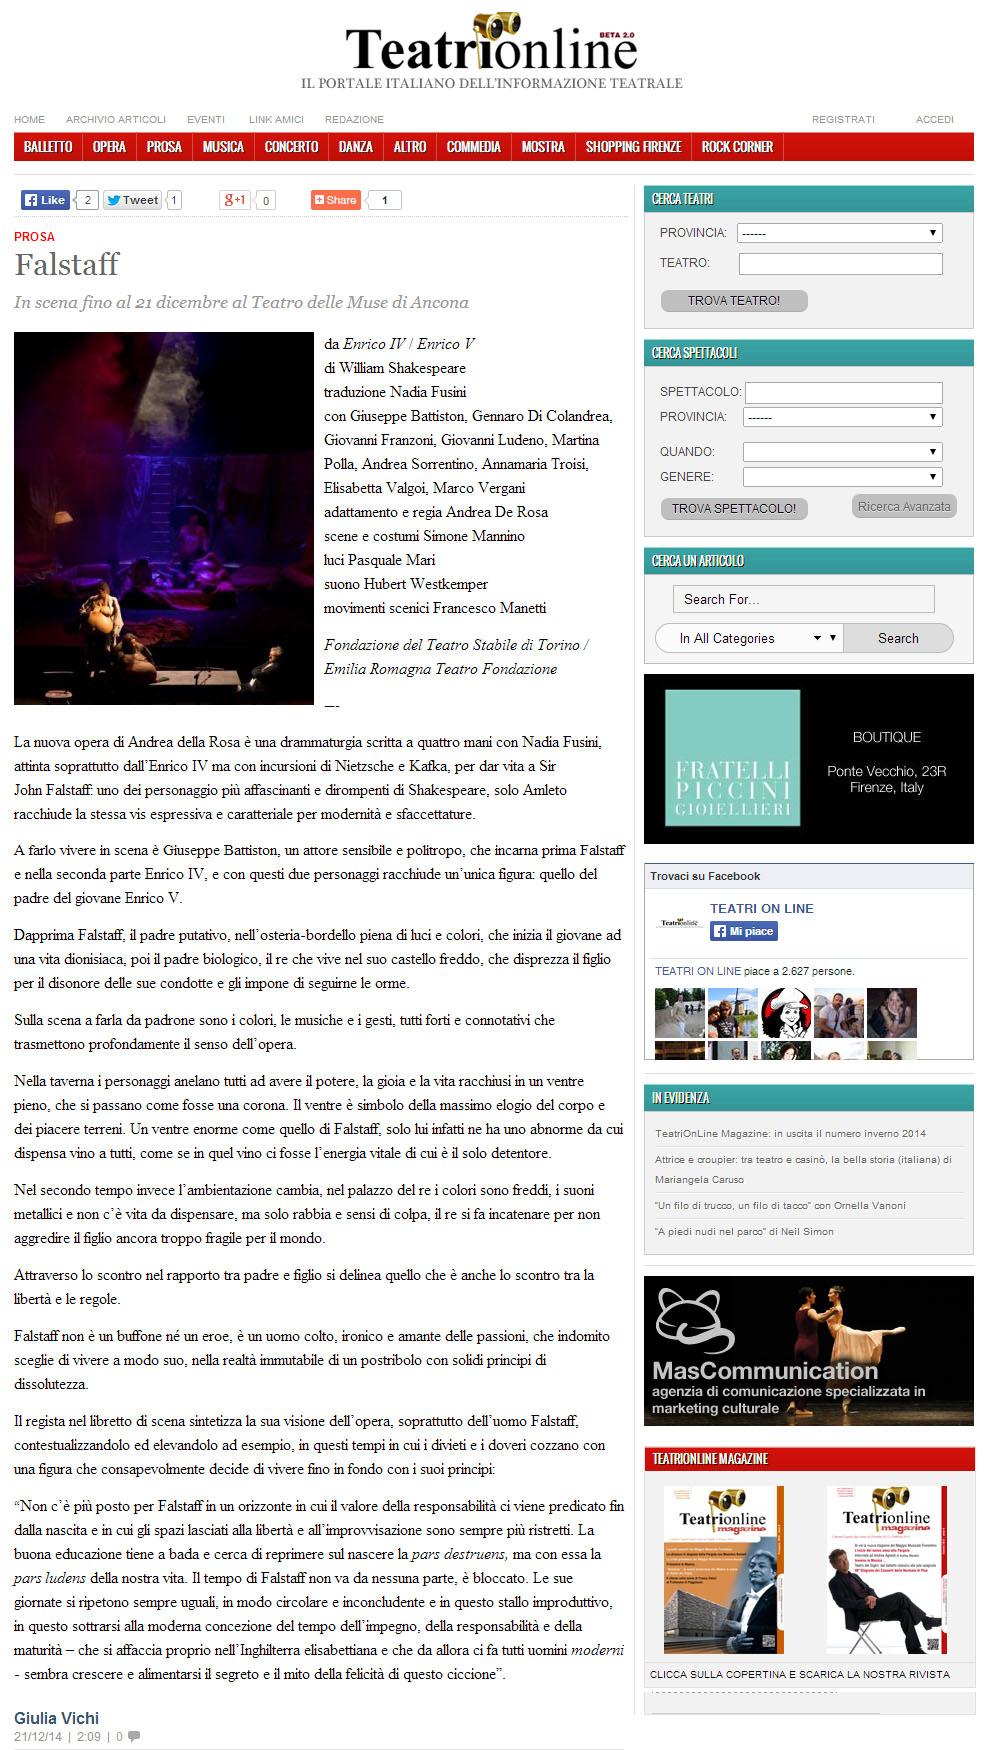 2014.12.21 falstaff - teatrionline.com